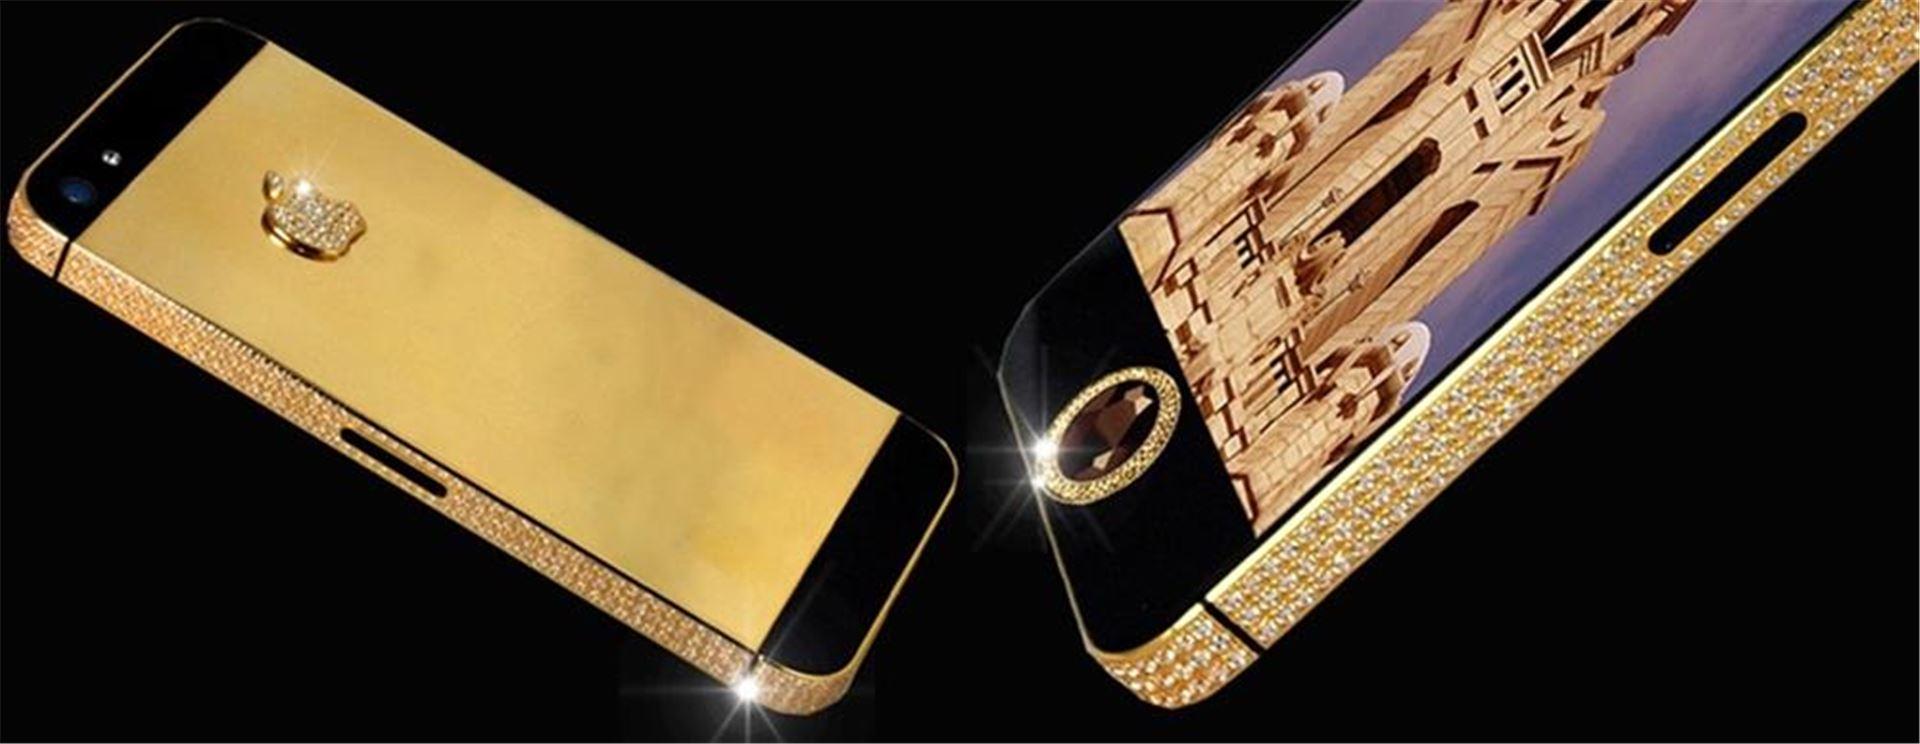 самый дорогой номер в россии на телефон красок